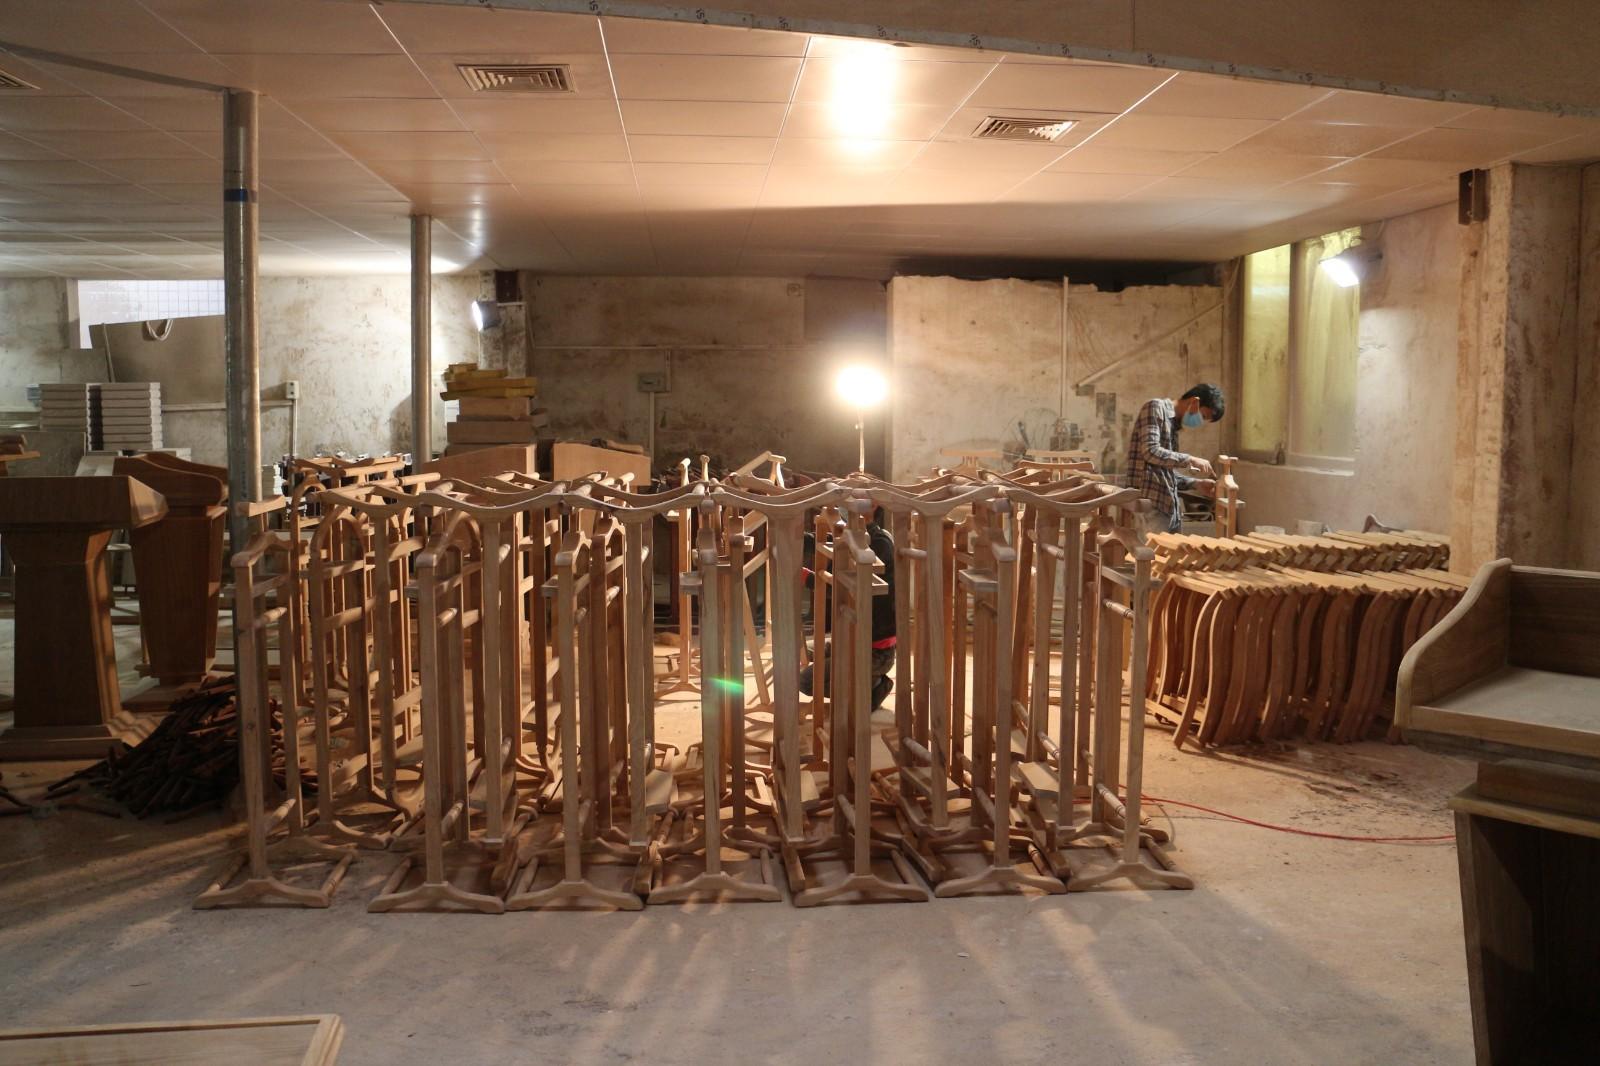 Fenghe-Oem Coat Tree Manufacturer | Hotel Coat Hanger Stand-3